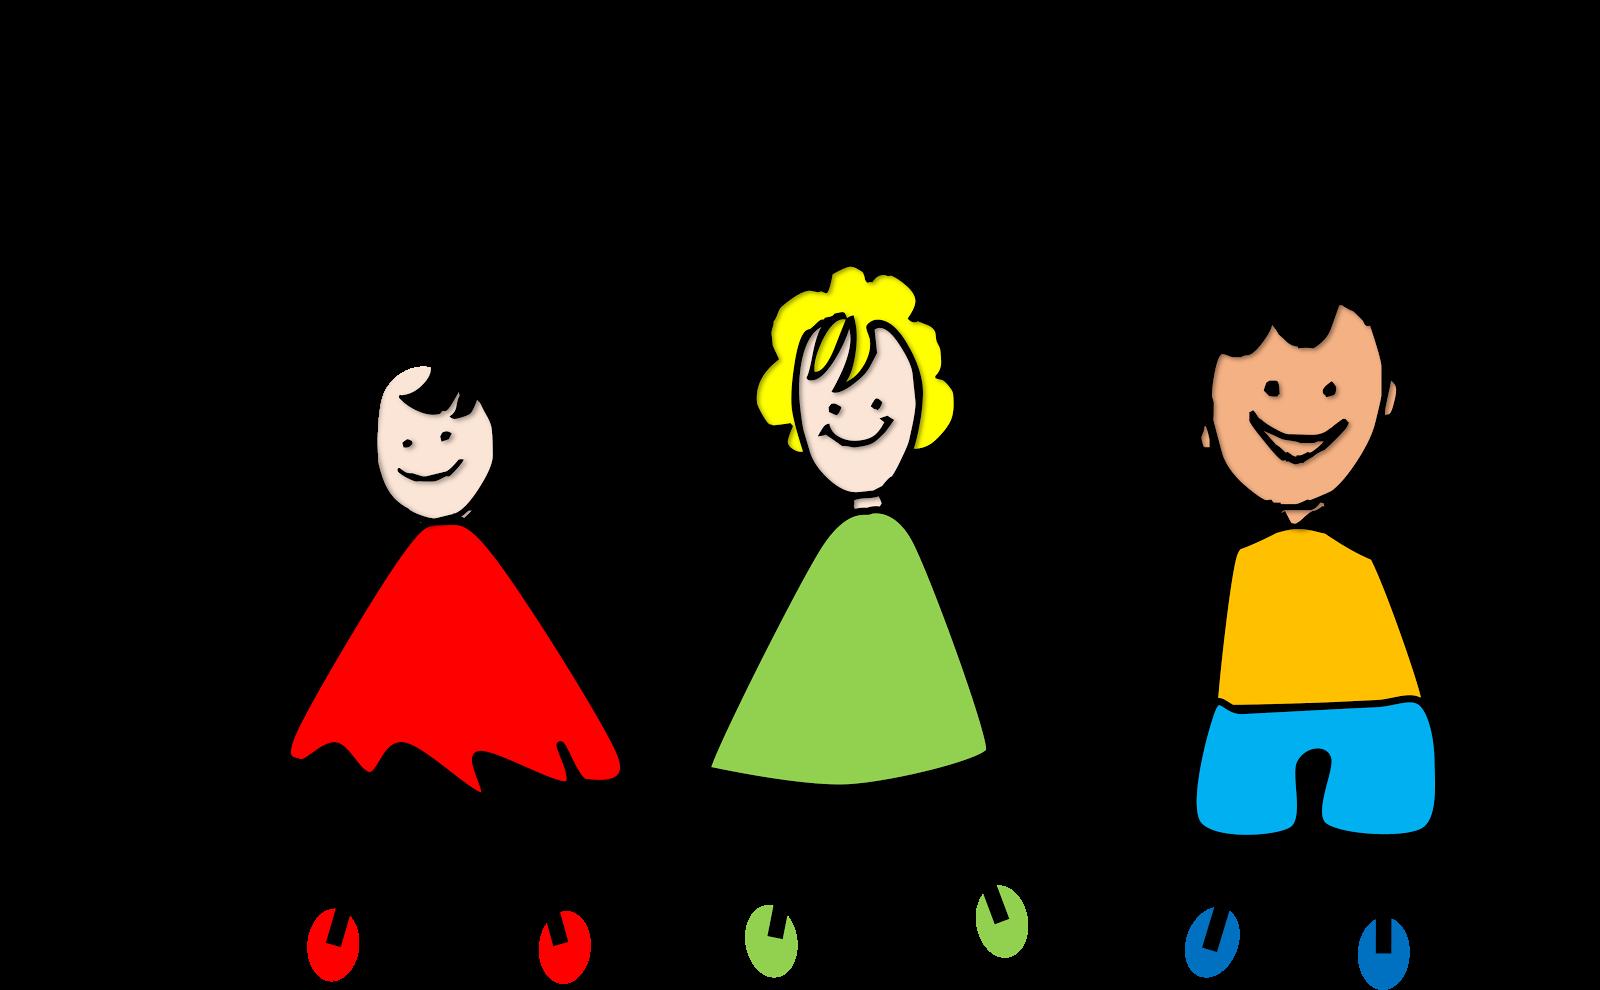 Little Kids Holding Hands Clipart.